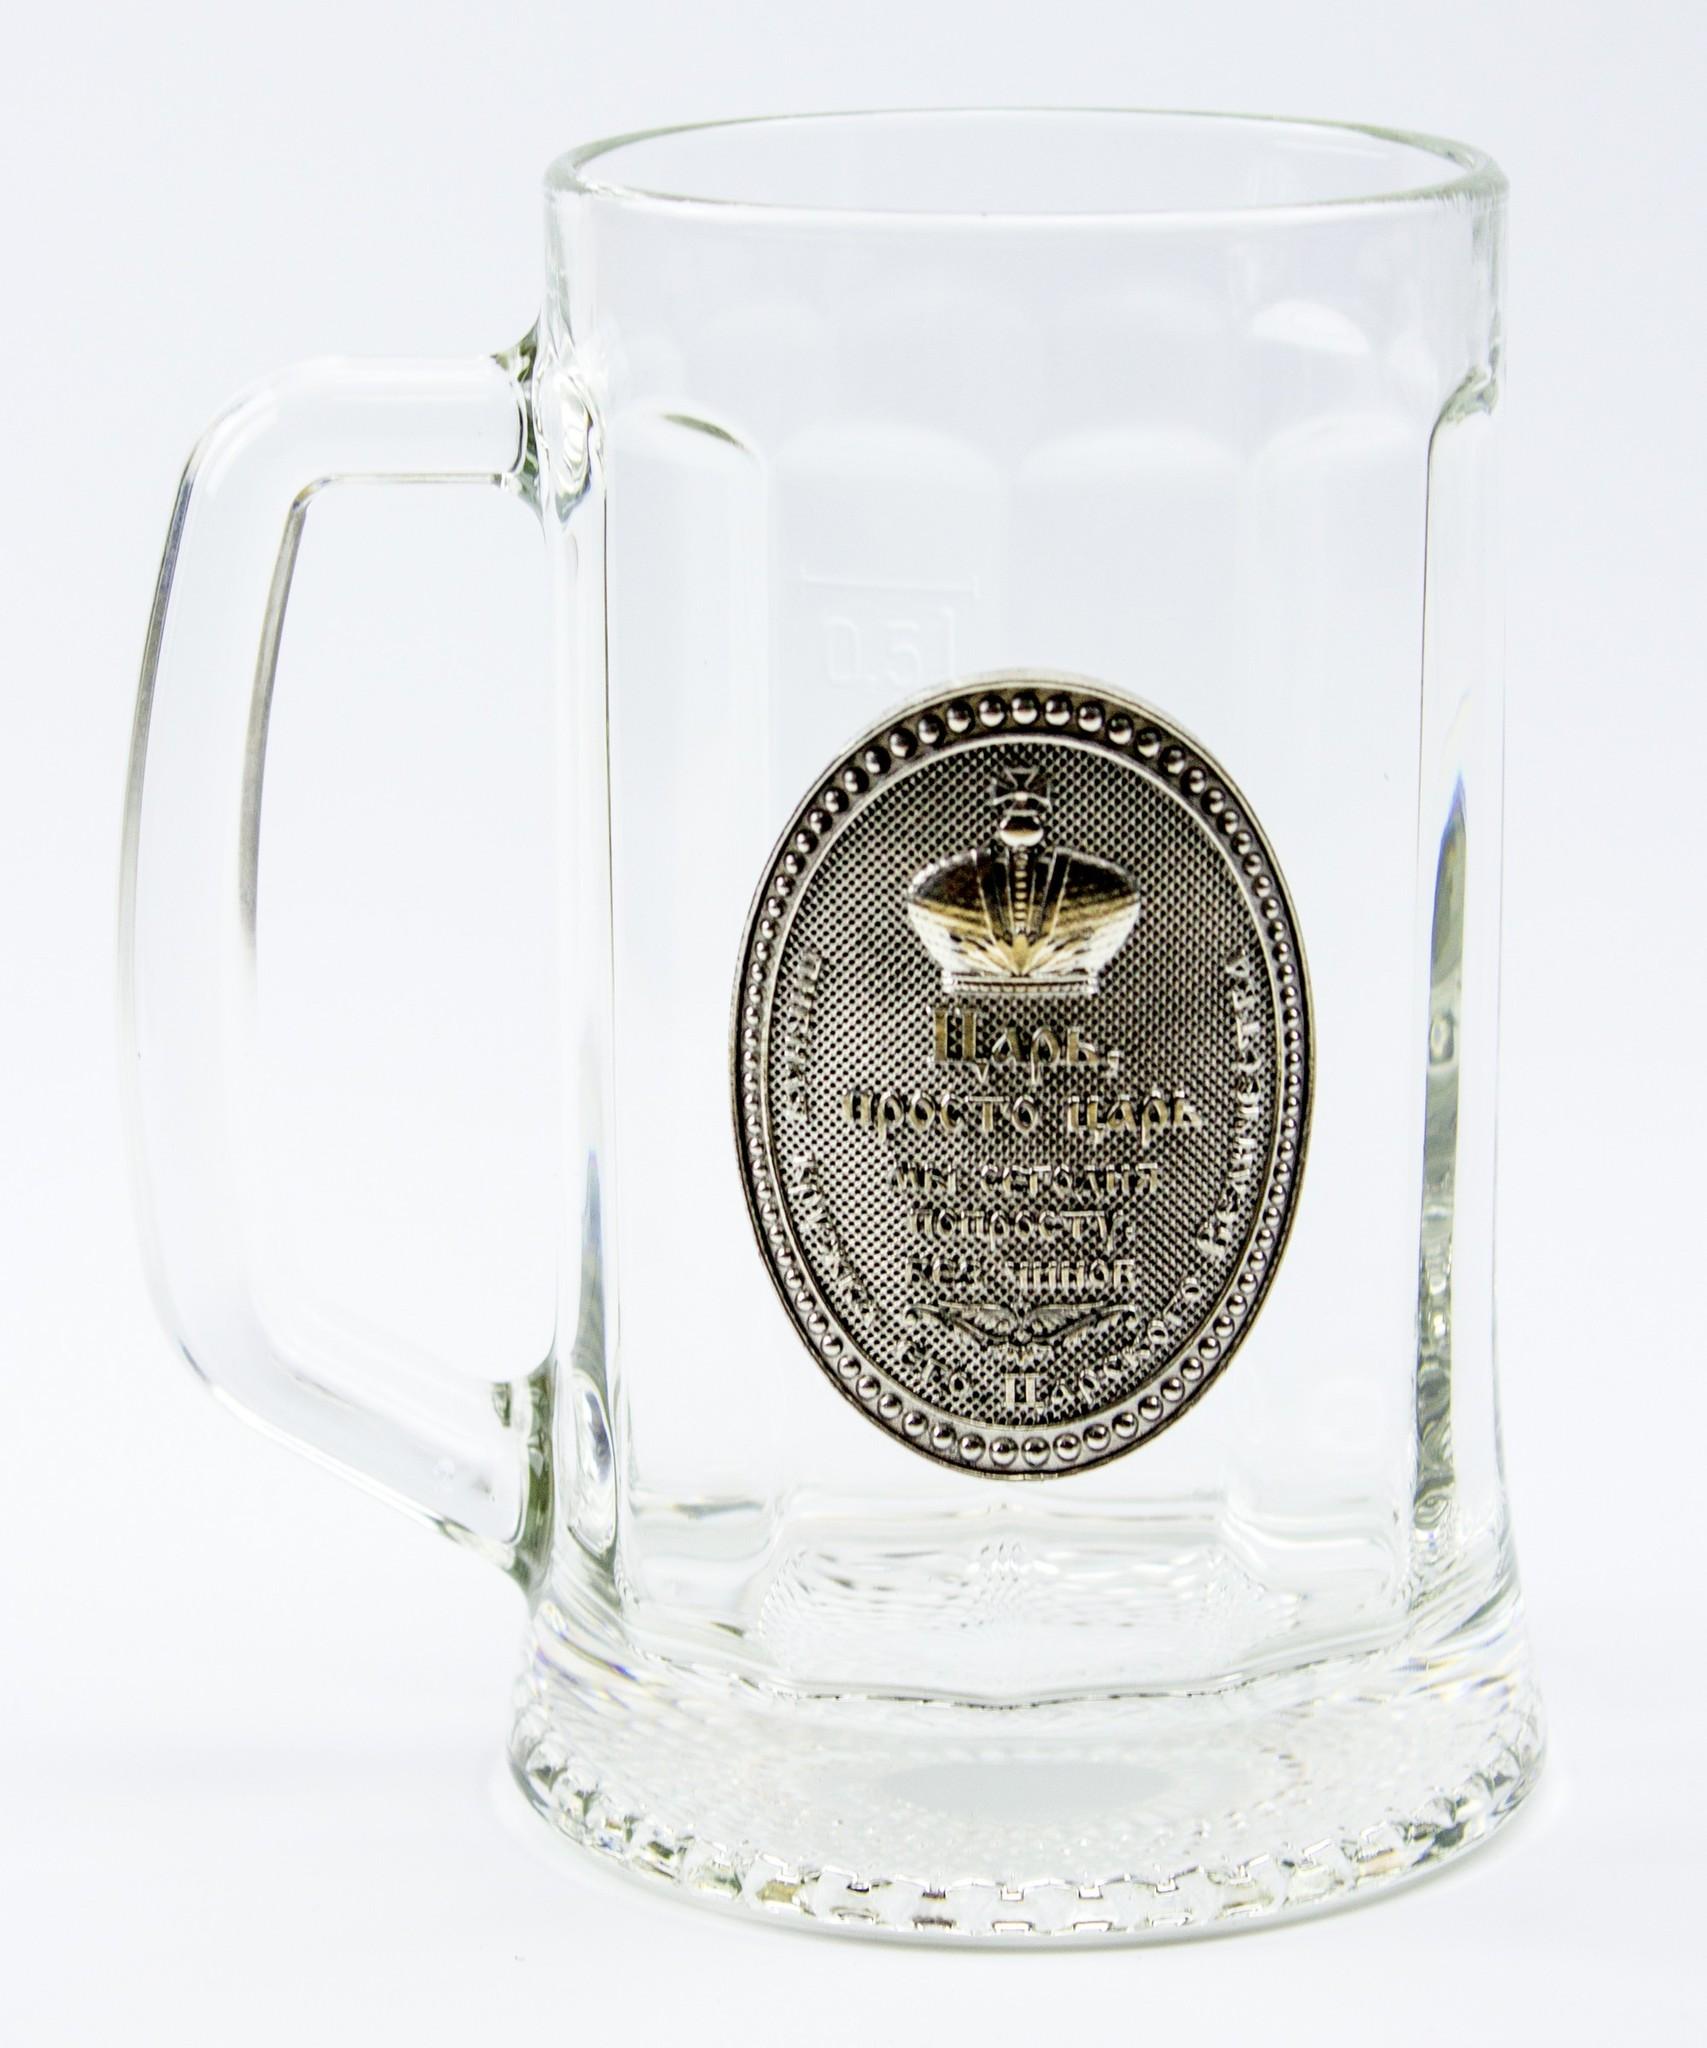 Коллекционная пивная кружка «Его Царского Величества» пивная кружка коллекционная герб с крышкой стекло олово 95 уп 1 12шт 763172